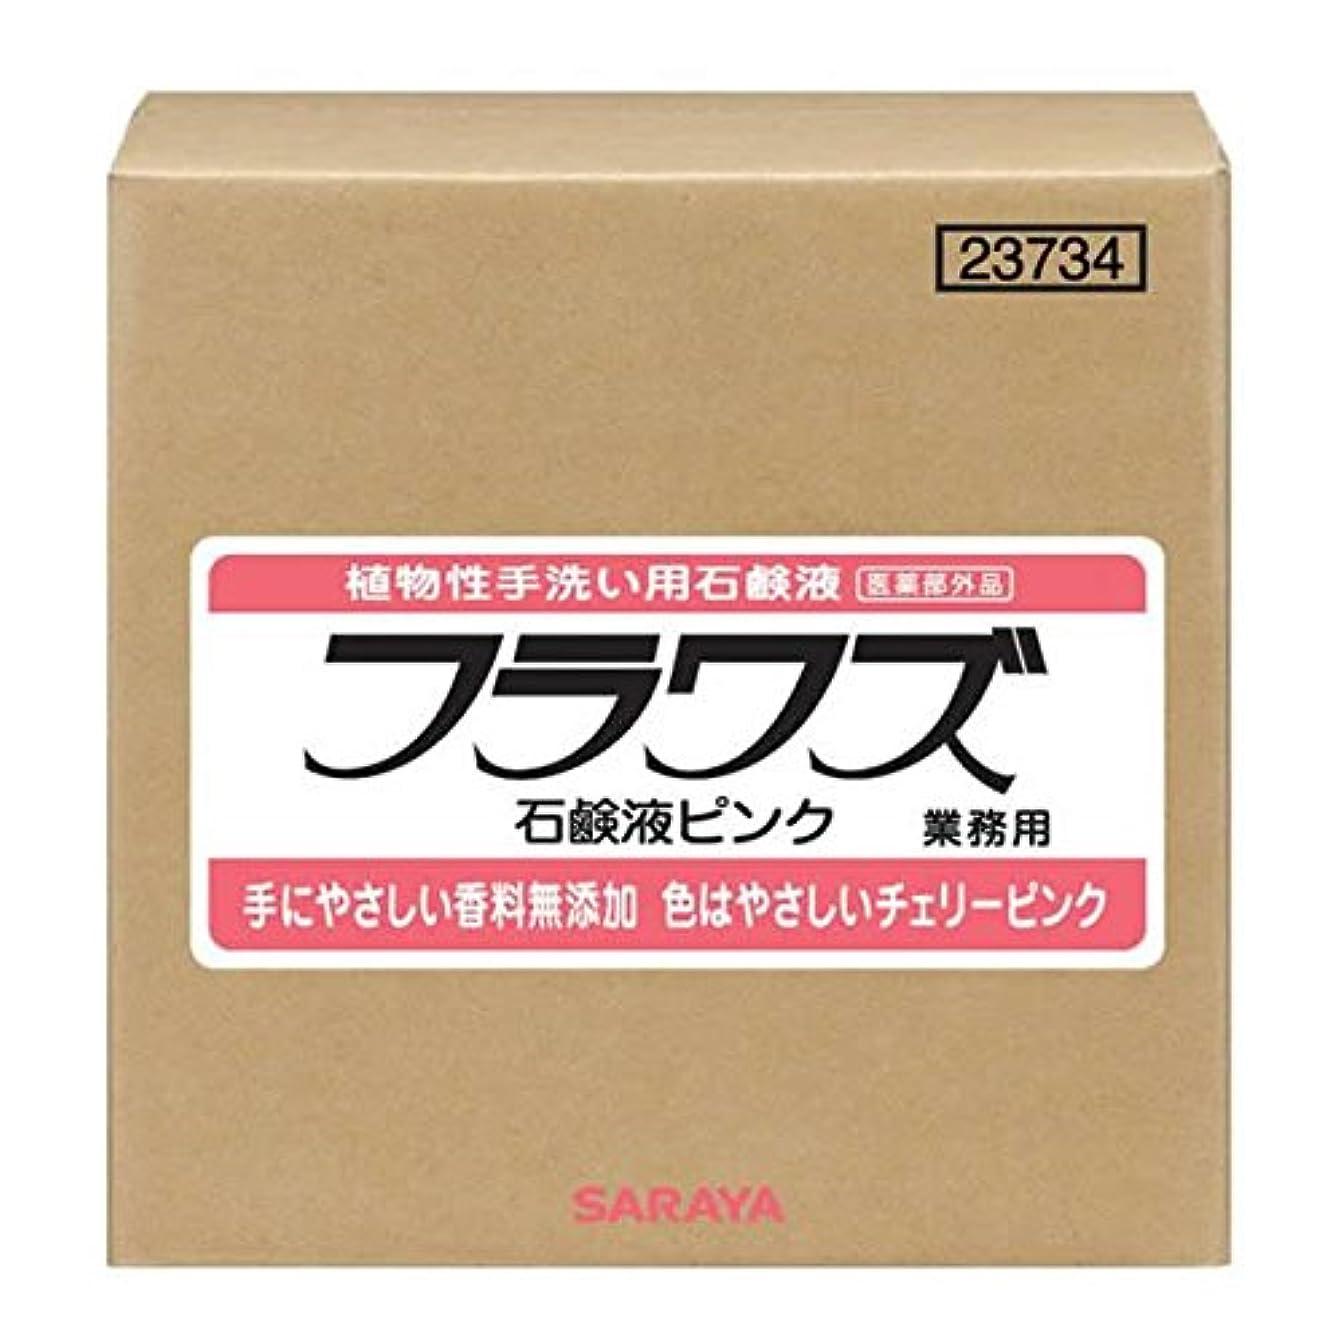 の中で組違反するサラヤ フラワズ石鹸液ピンク 20kg BIB 1箱